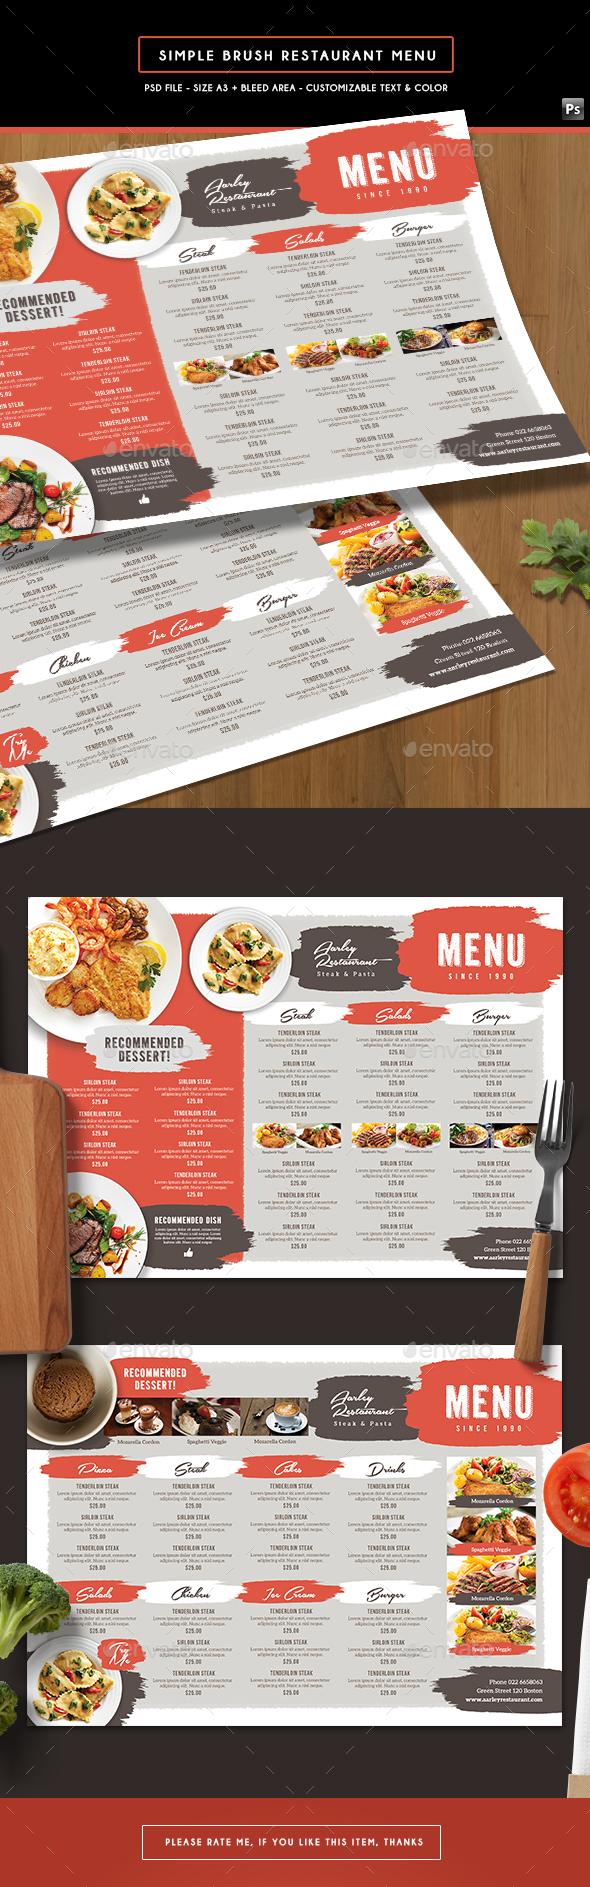 Simple Brush Restaurant Menu Board - Food Menus Print Templates